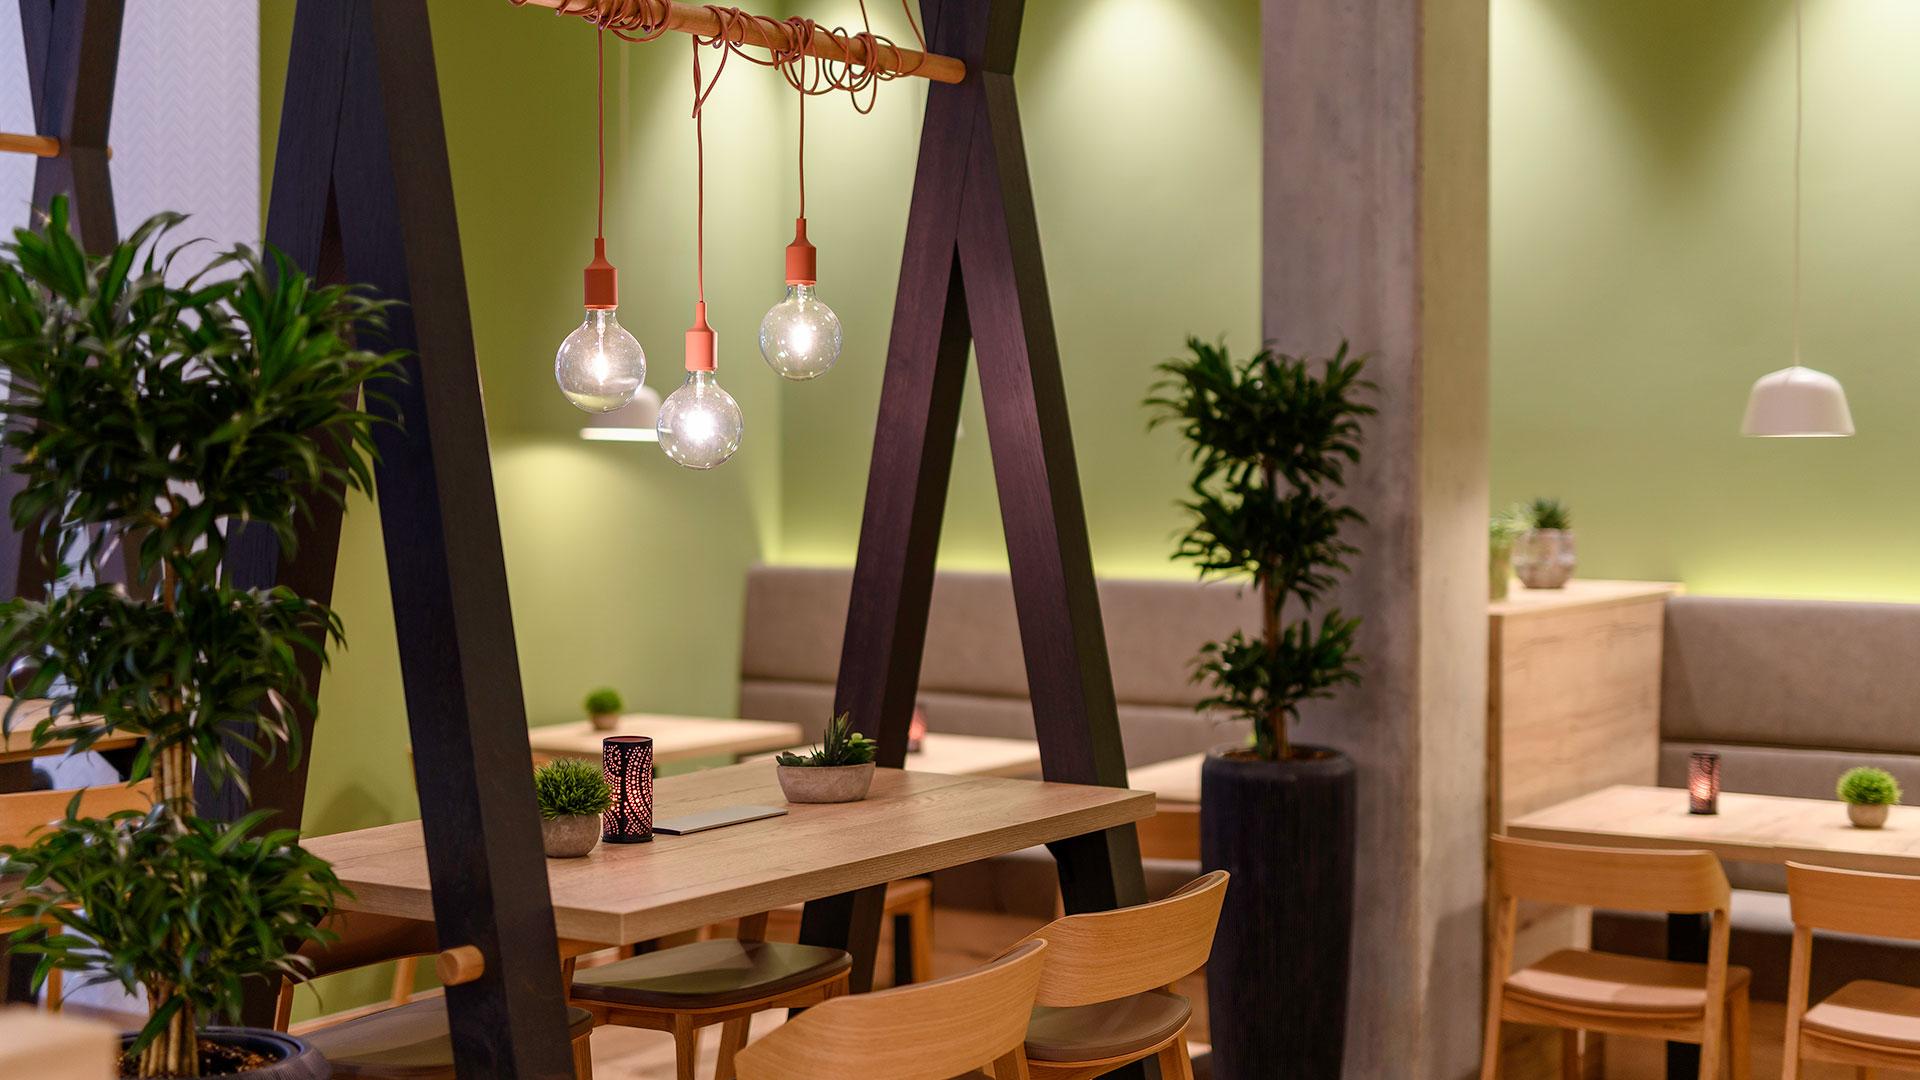 Foto des Restaurants - 02 - ibis Styles Aschaffenburg